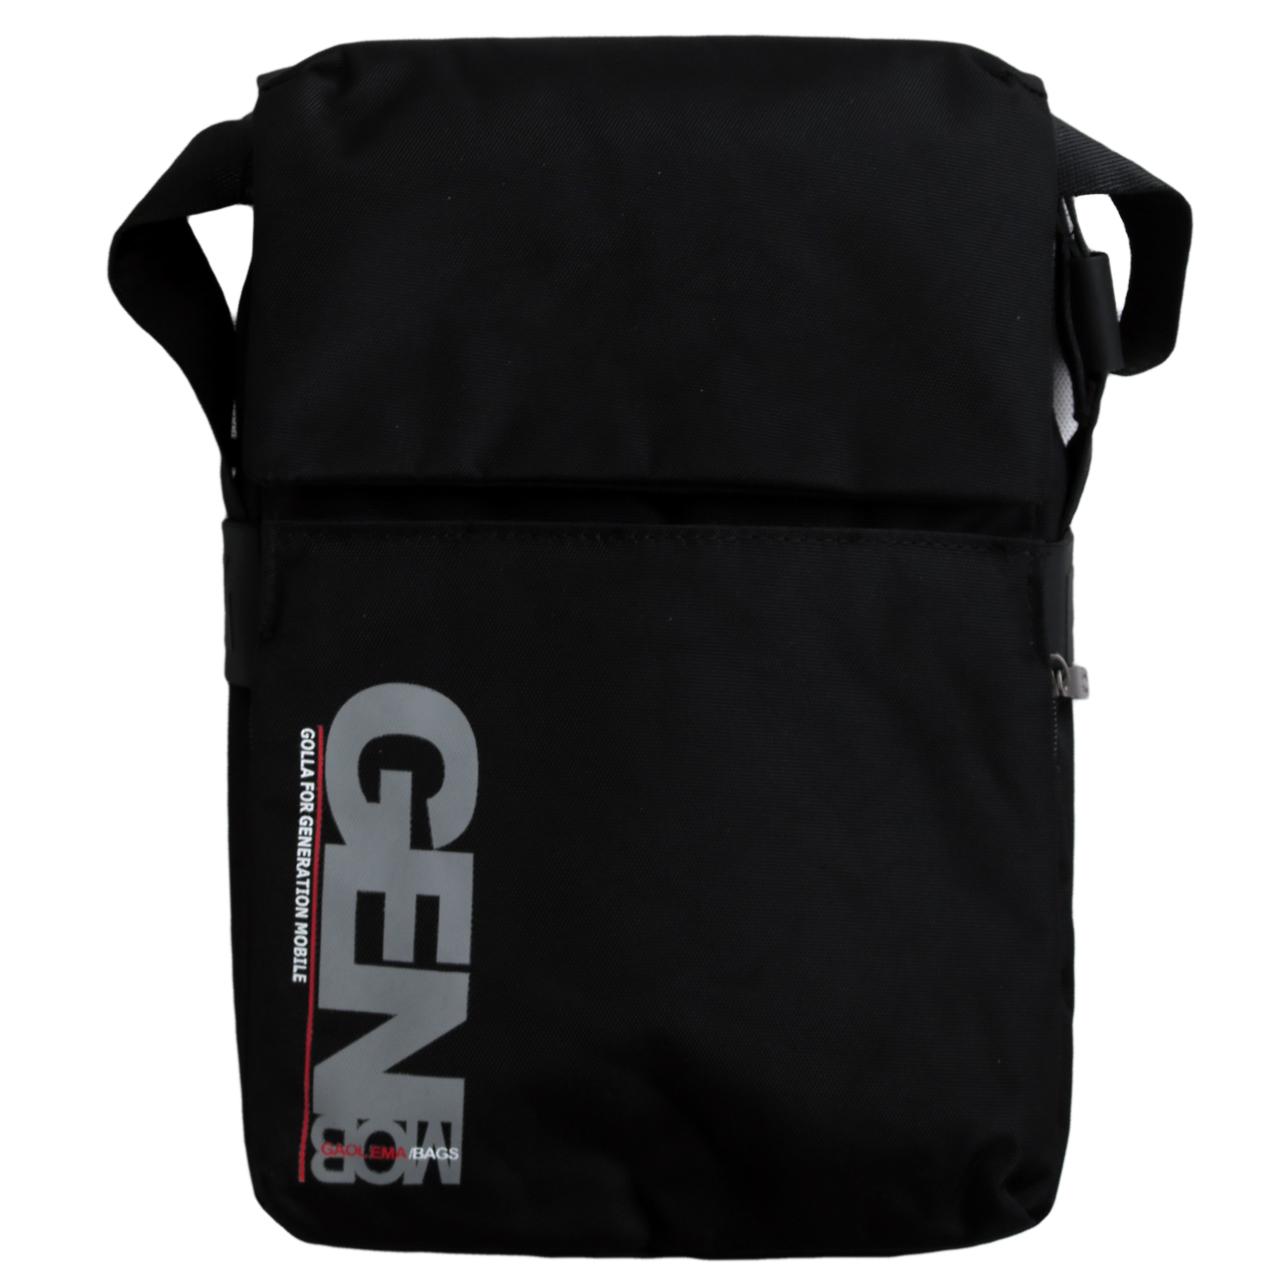 کیف تبلت گولا مدل G1058 مناسب برای تبلت سایز 11.6 اینچی